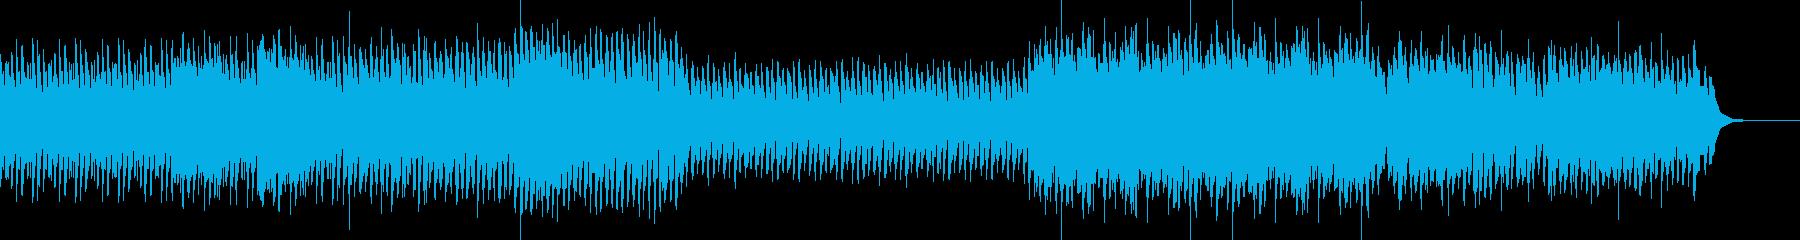 戦闘などに最適な曲の再生済みの波形